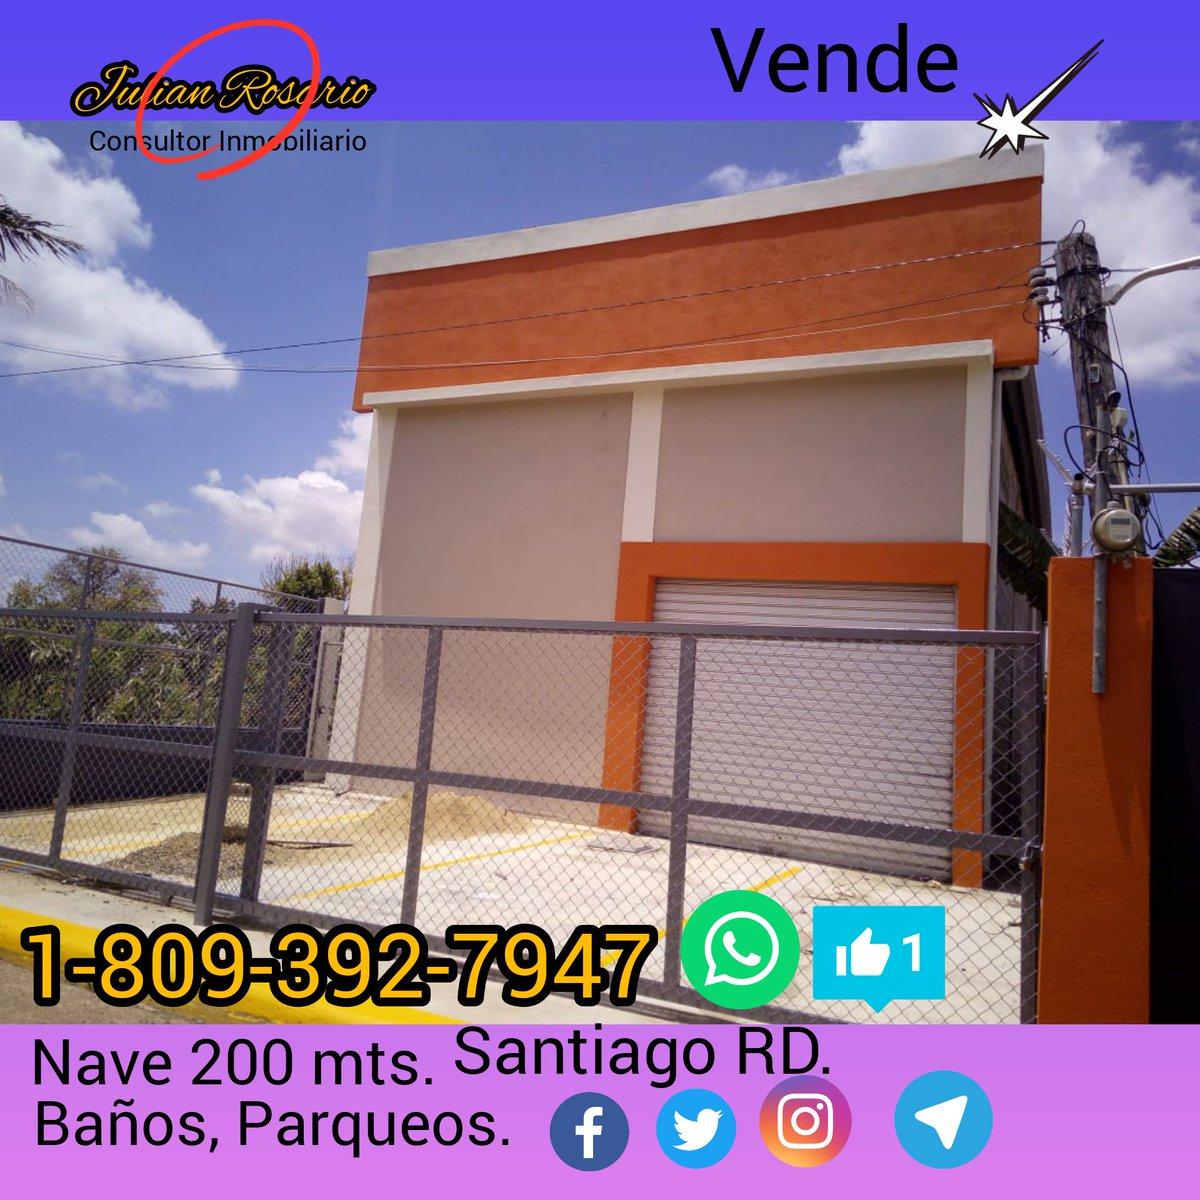 #Nave #ventas #santiago https://t.co/TWcprvSMgP